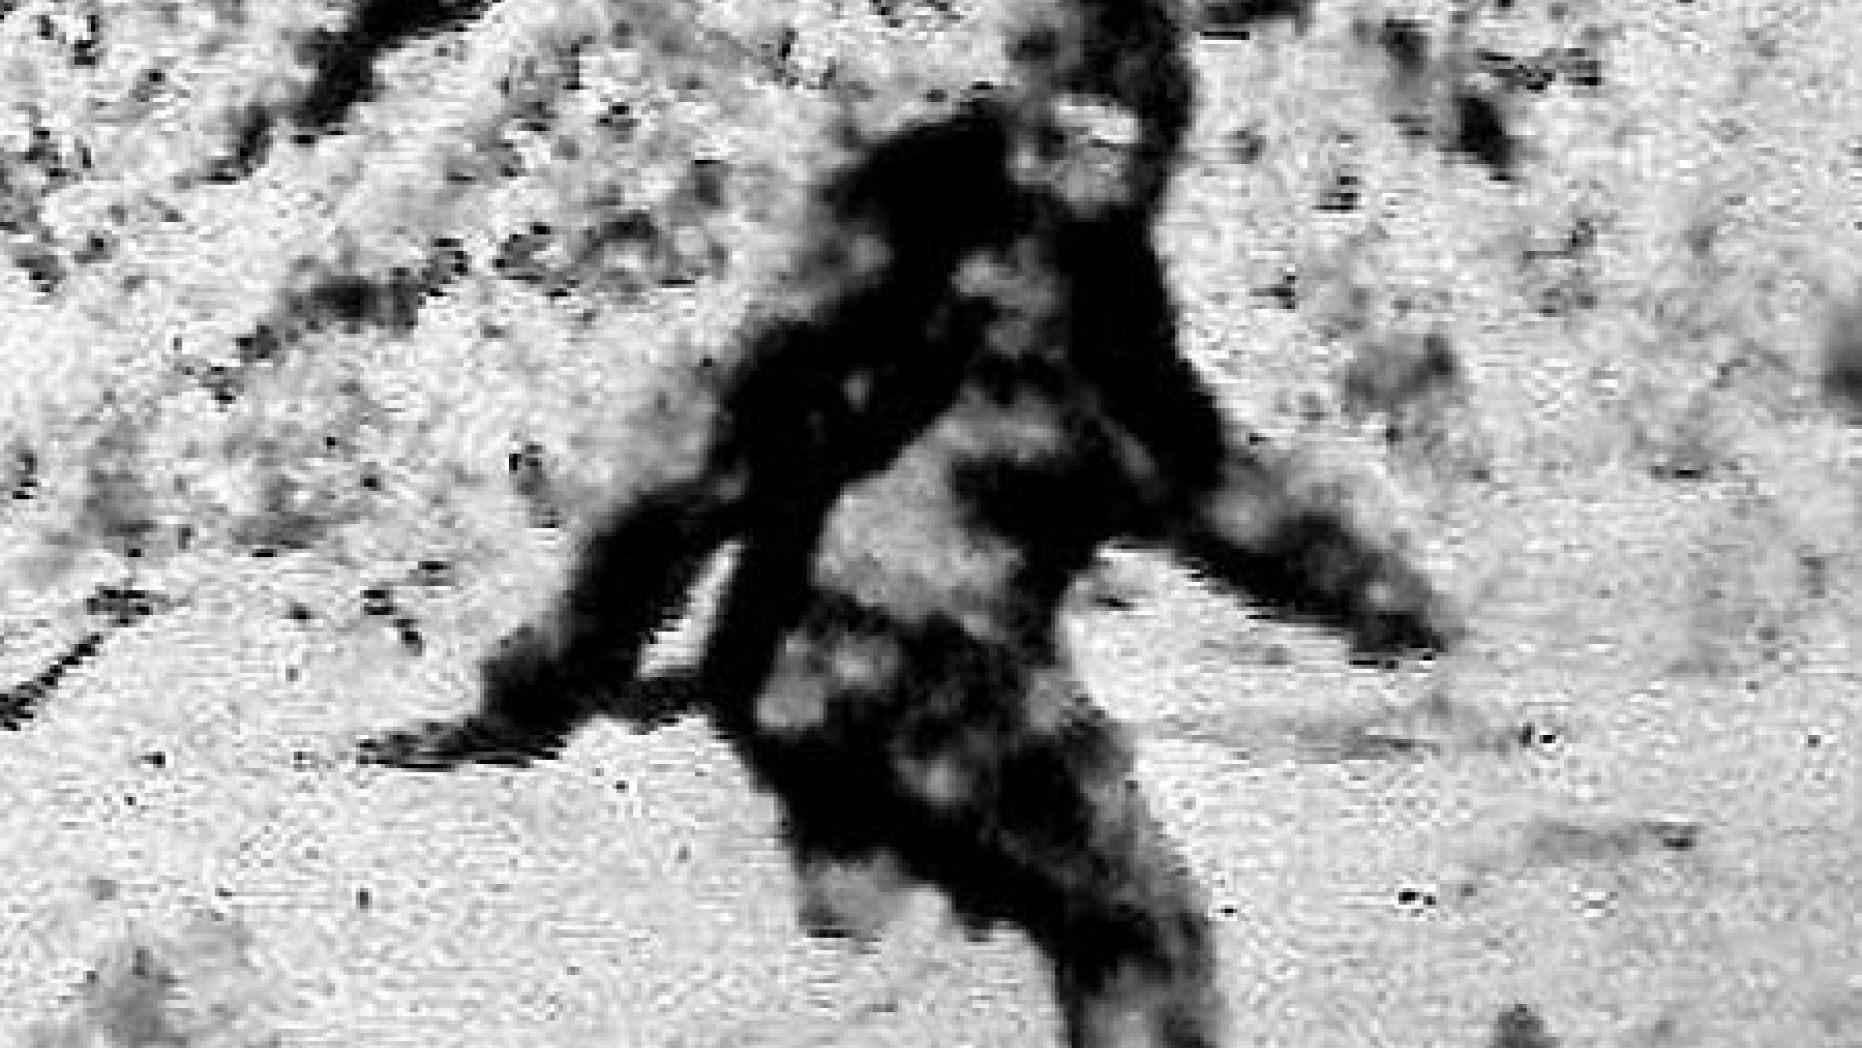 Un vânător a crezut că îl vede pe Bigfoot şi a început să tragă. Ce a împuşcat în realitate